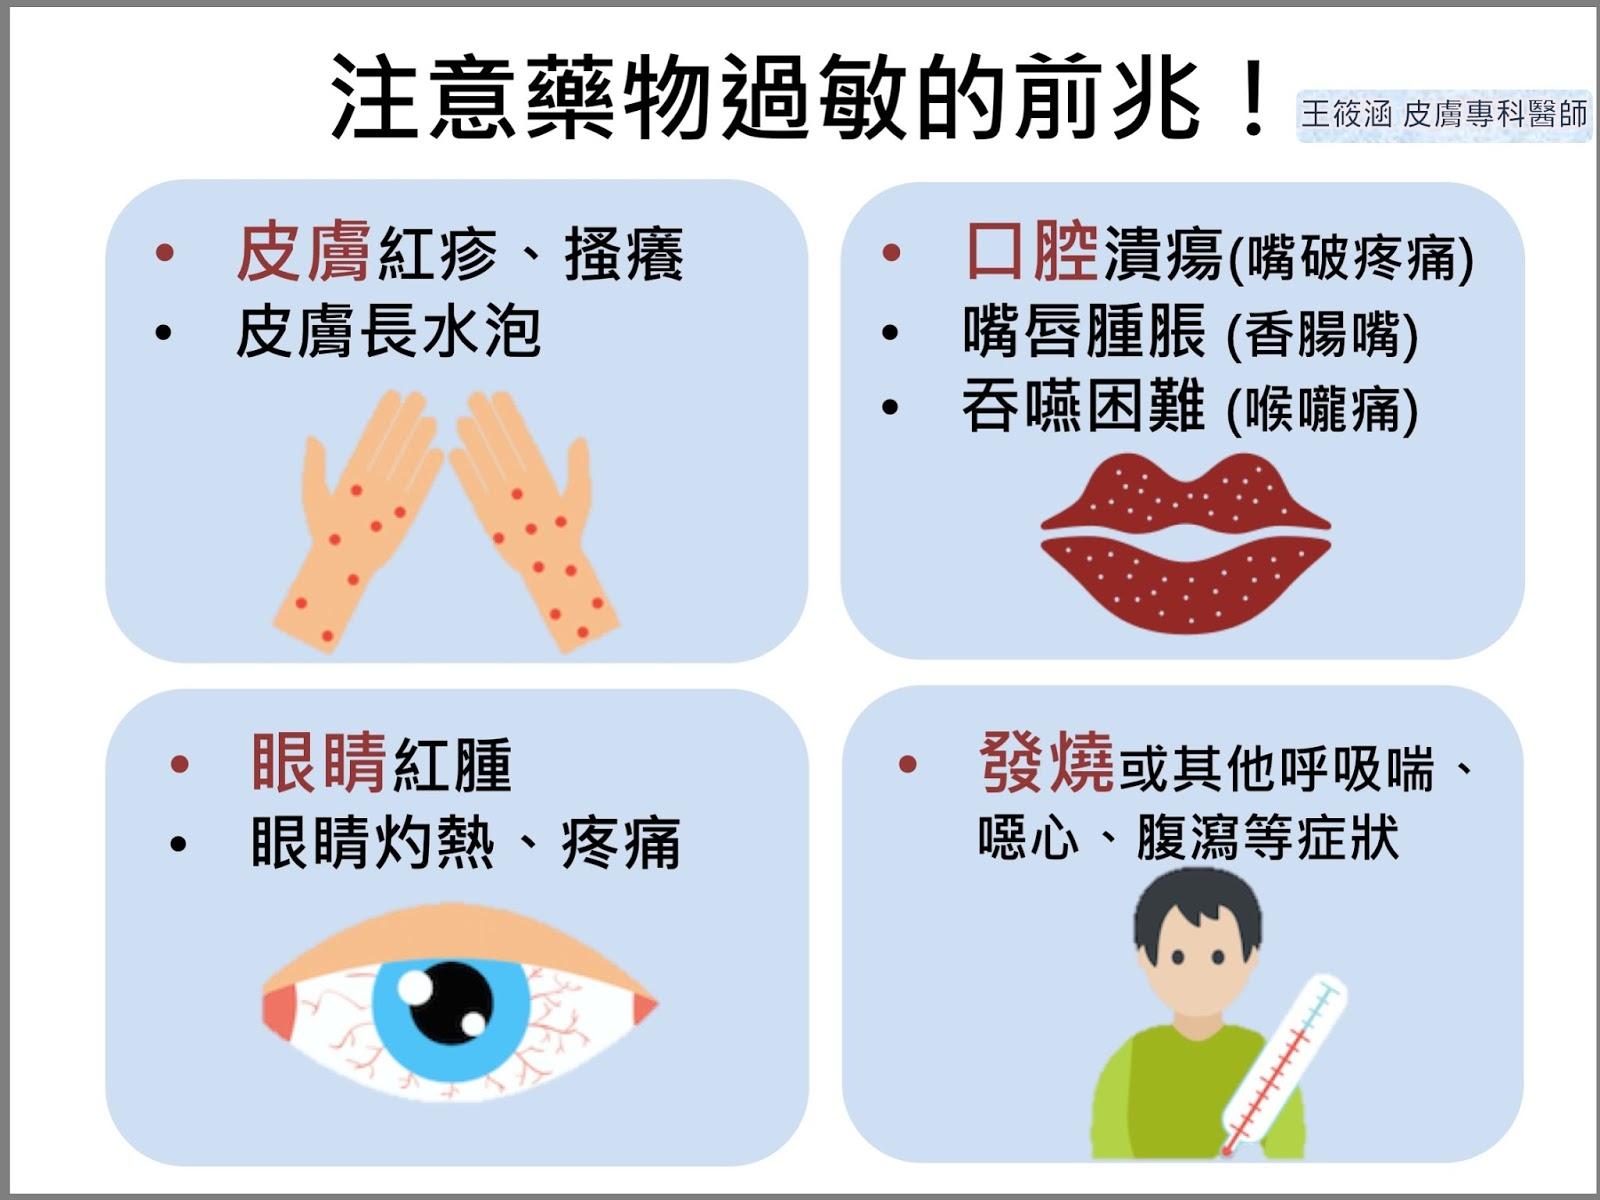 王筱涵醫師 皮膚專科: 什麼是藥物過敏?自我檢視,提高用藥警覺!